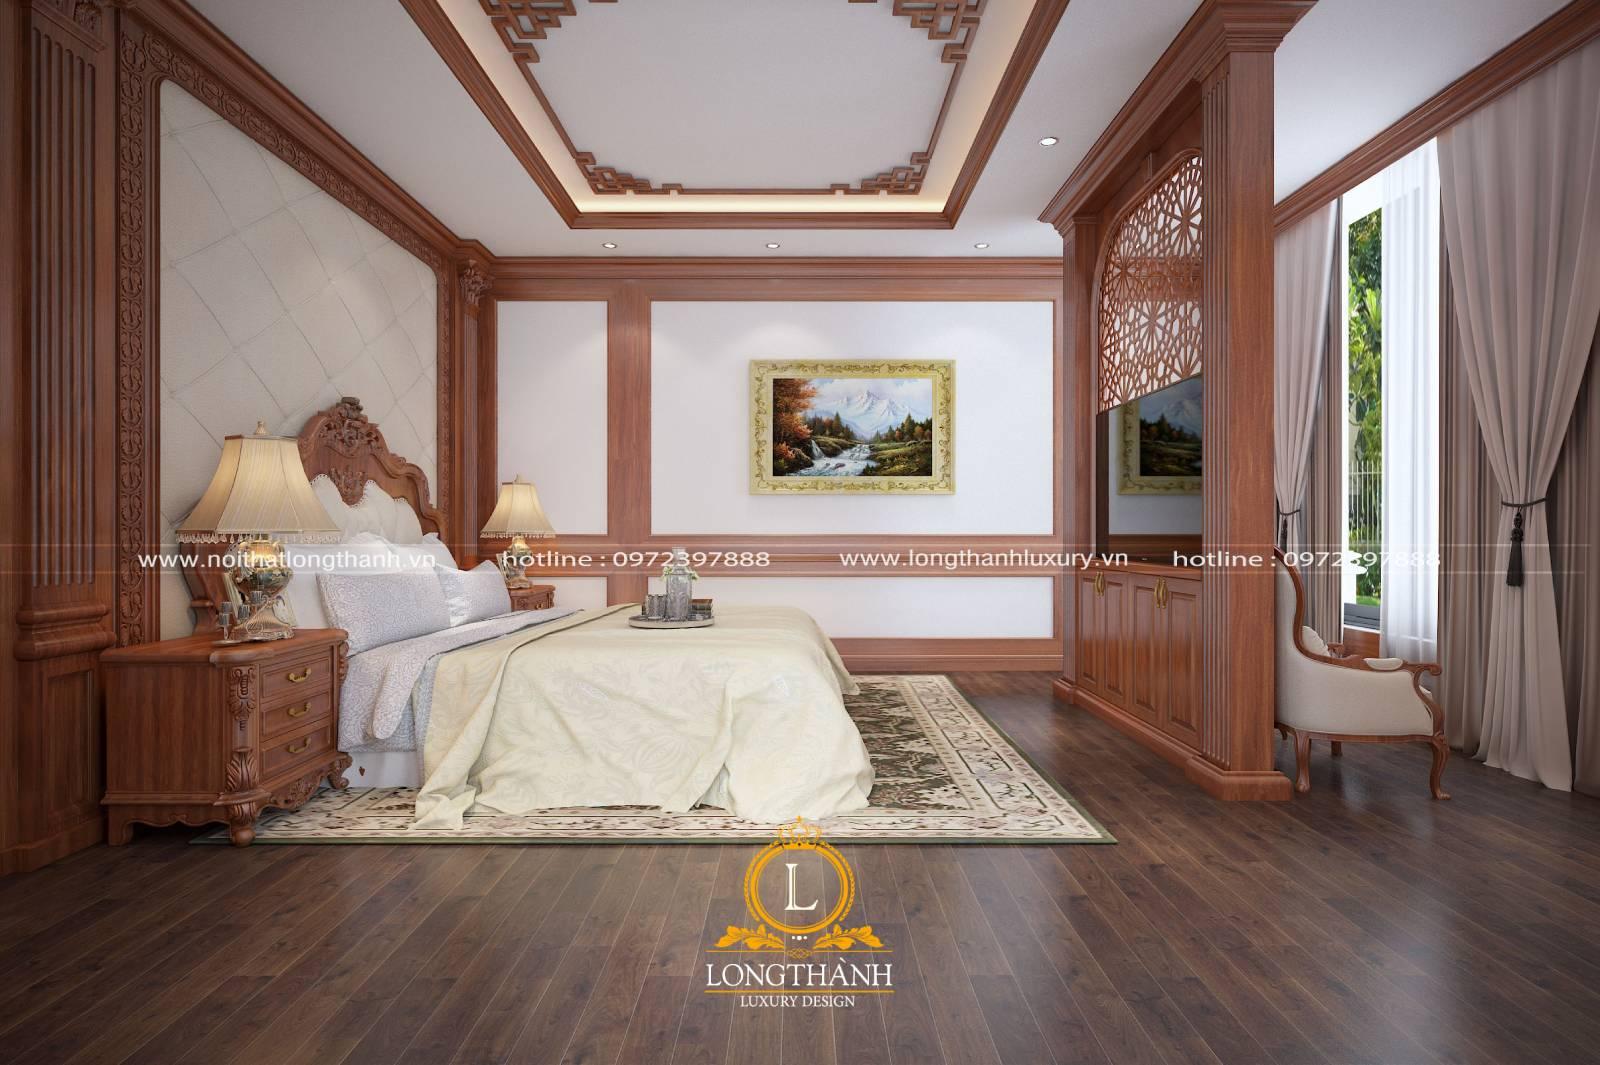 Tranh tân cổ điển về thiên nhiên trang trí bên trái giường ngủ